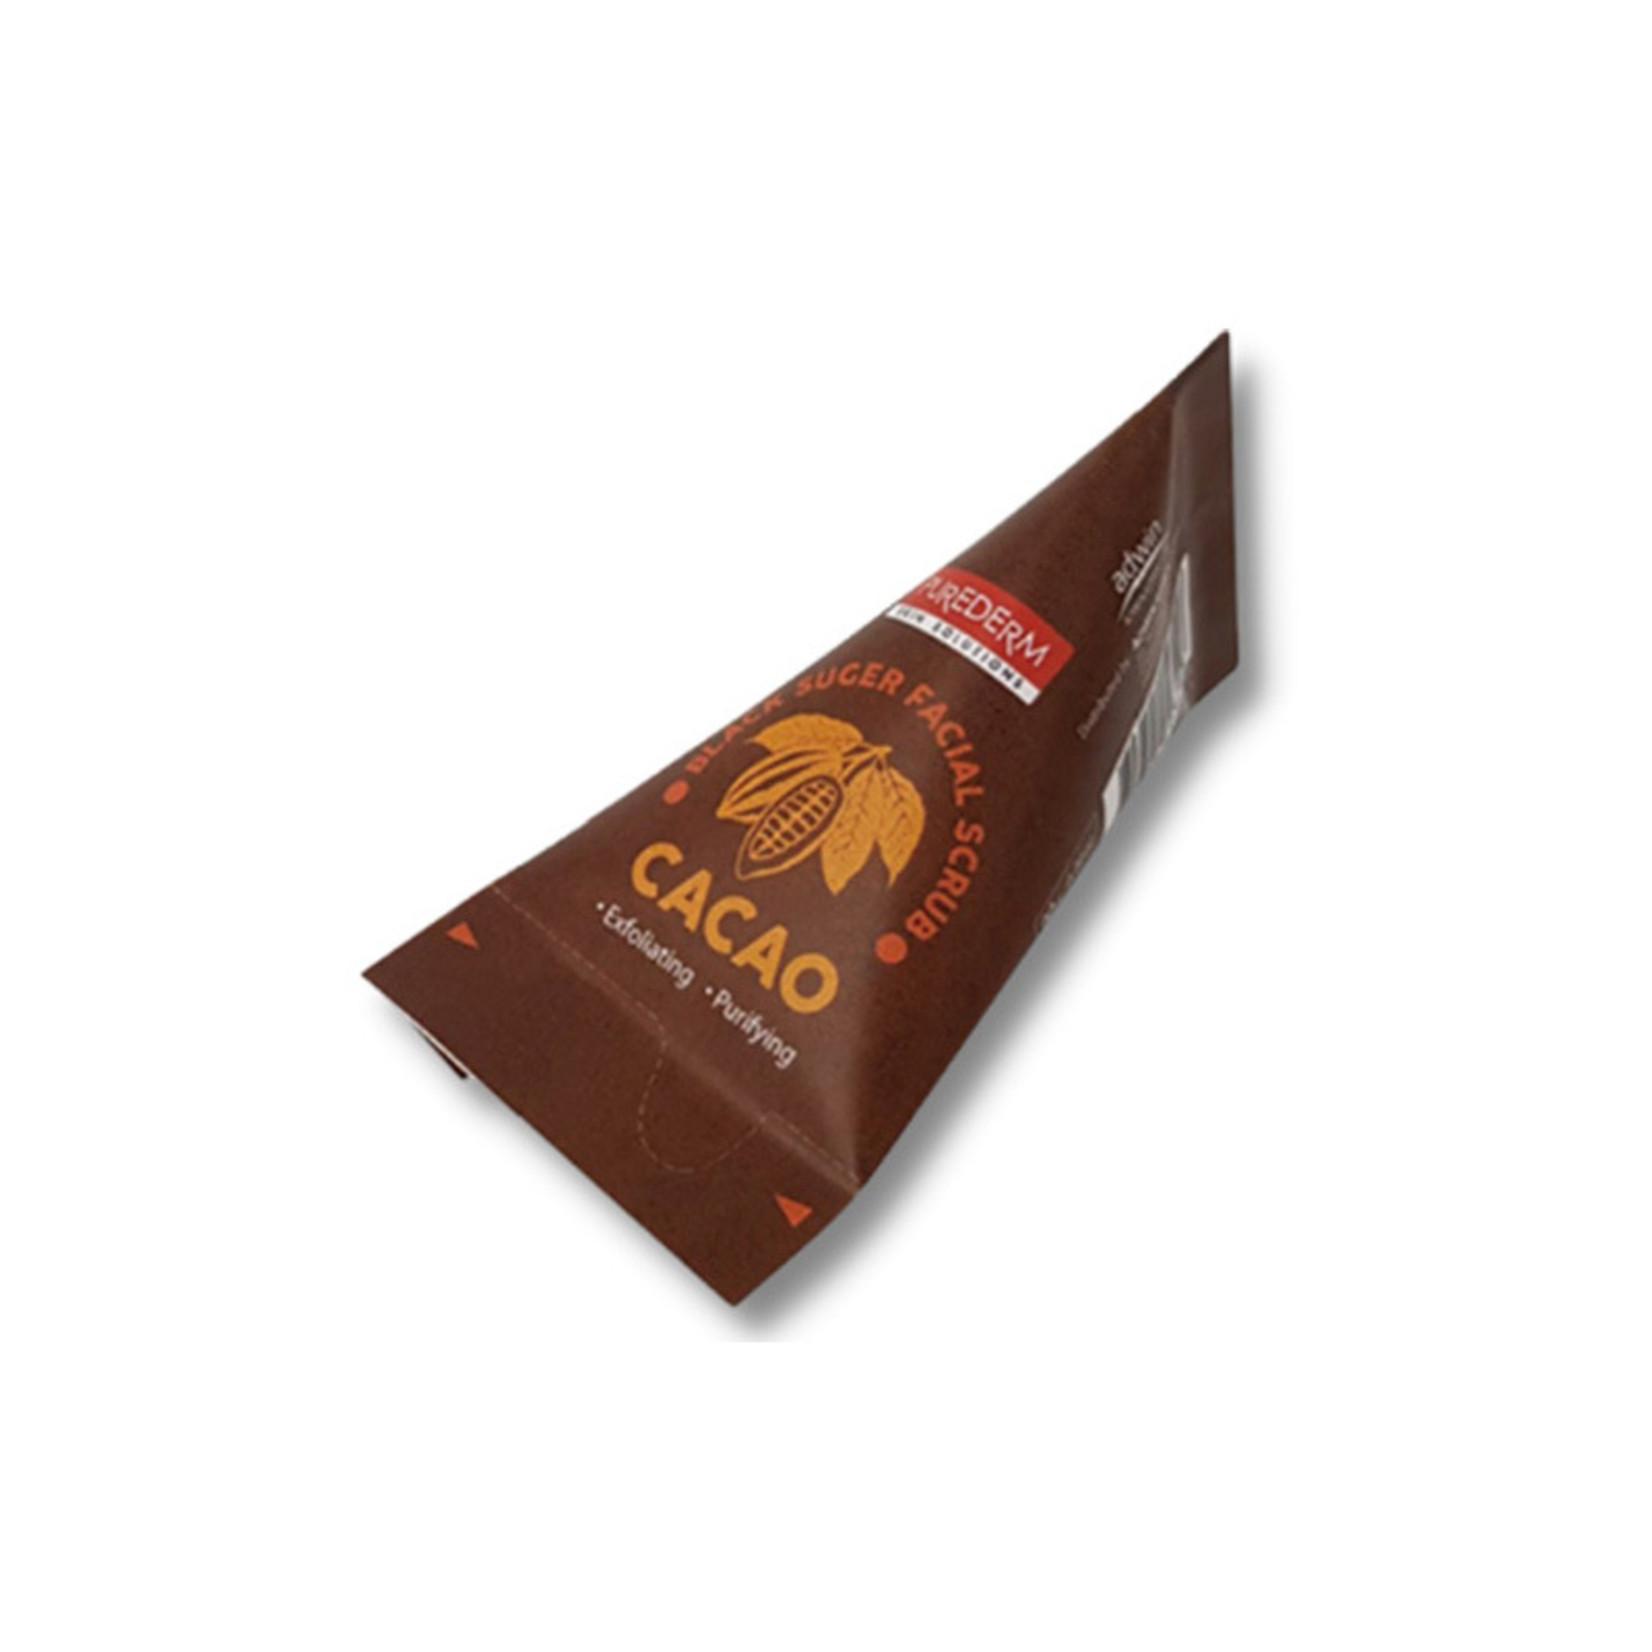 PUREDERM Facial Scrub #Cacao